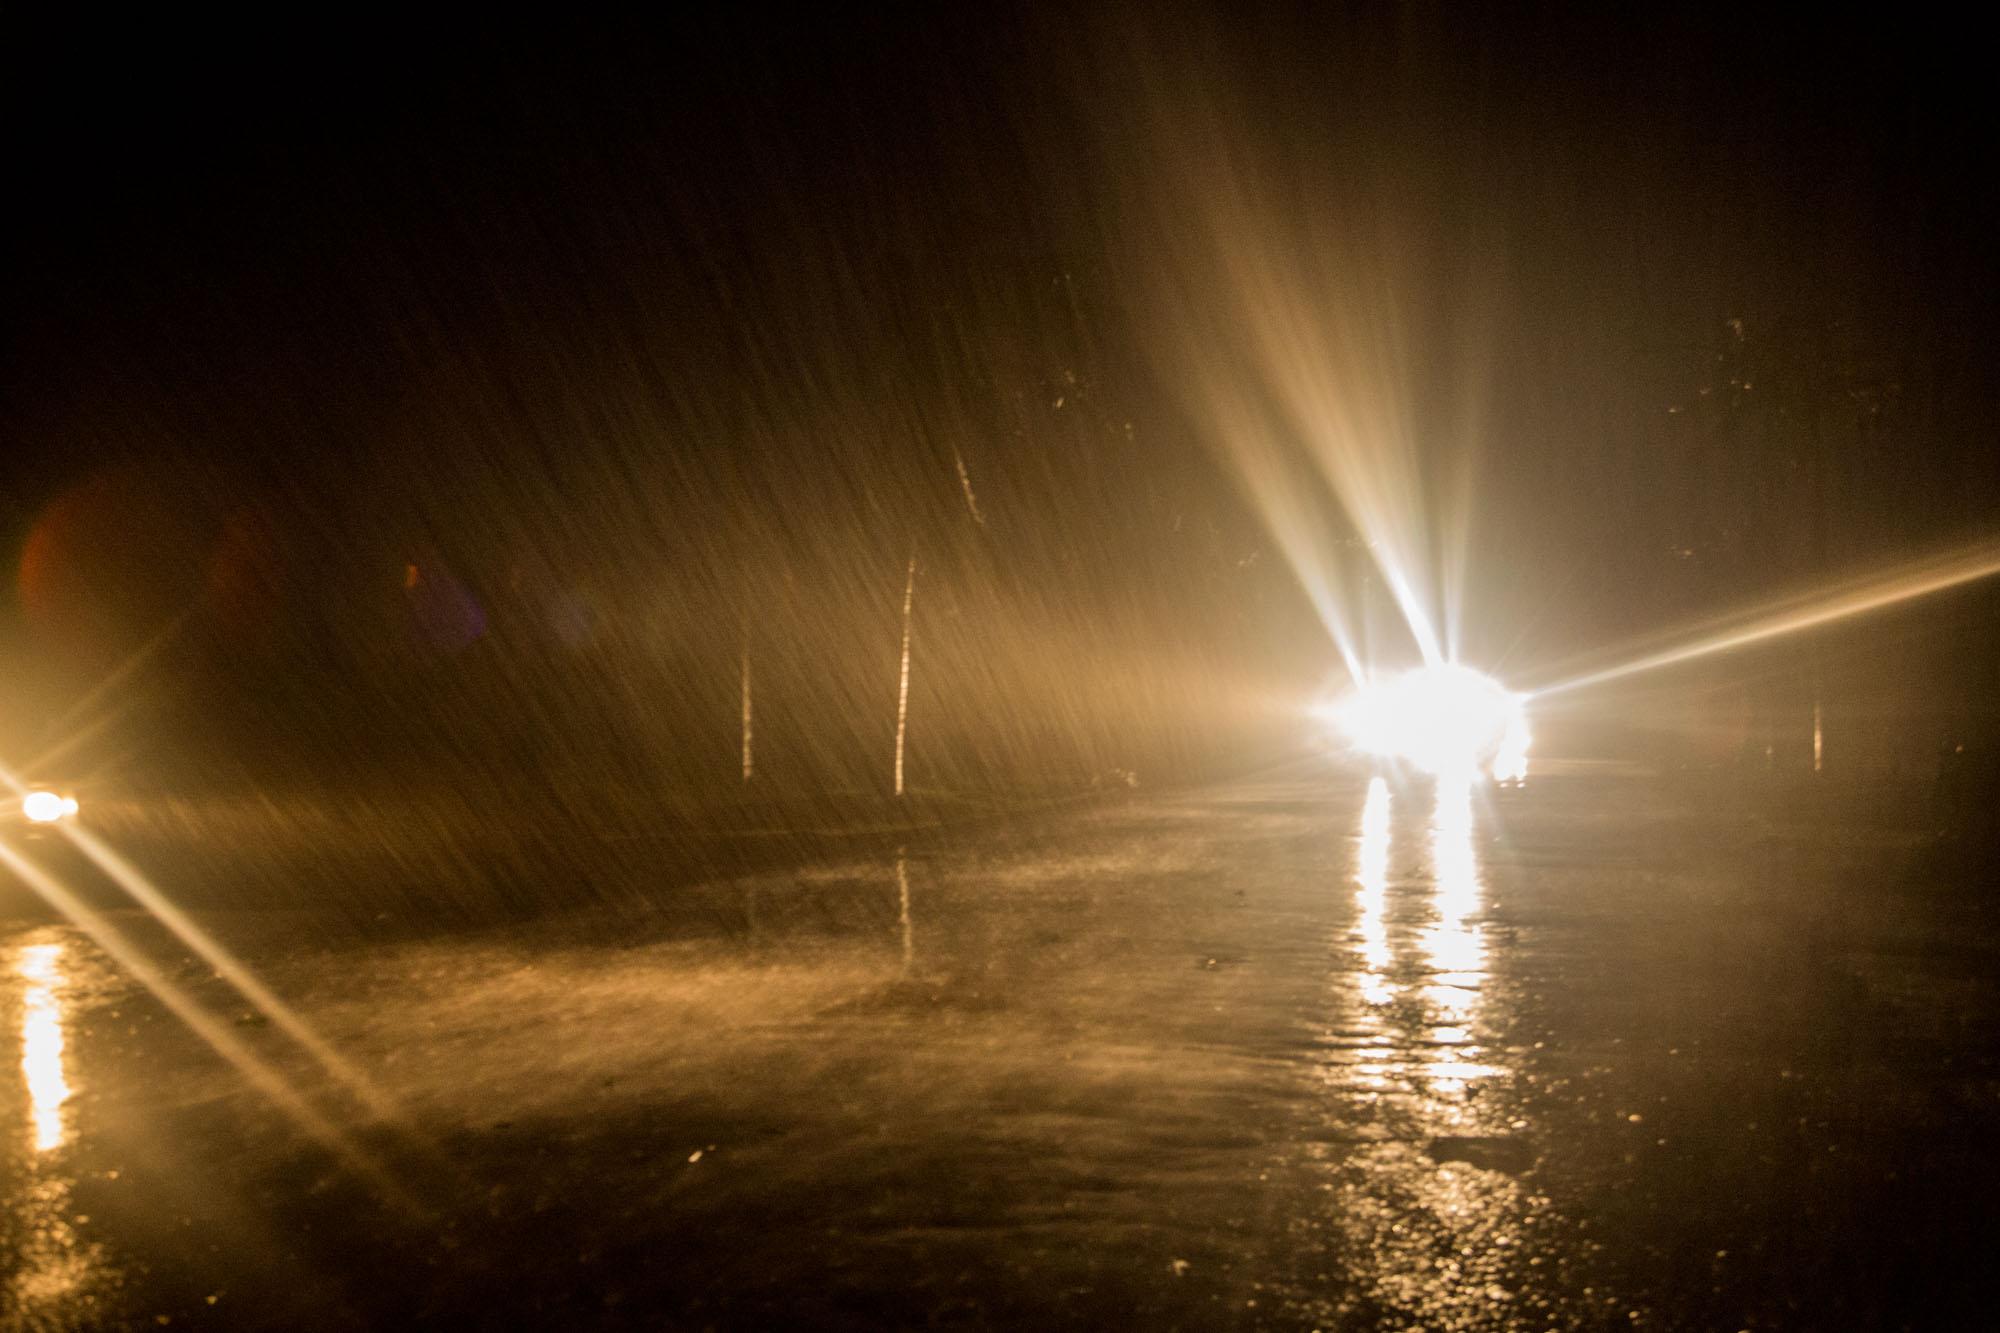 Agua, luz y viento (Foto: Jorge Ricardo)